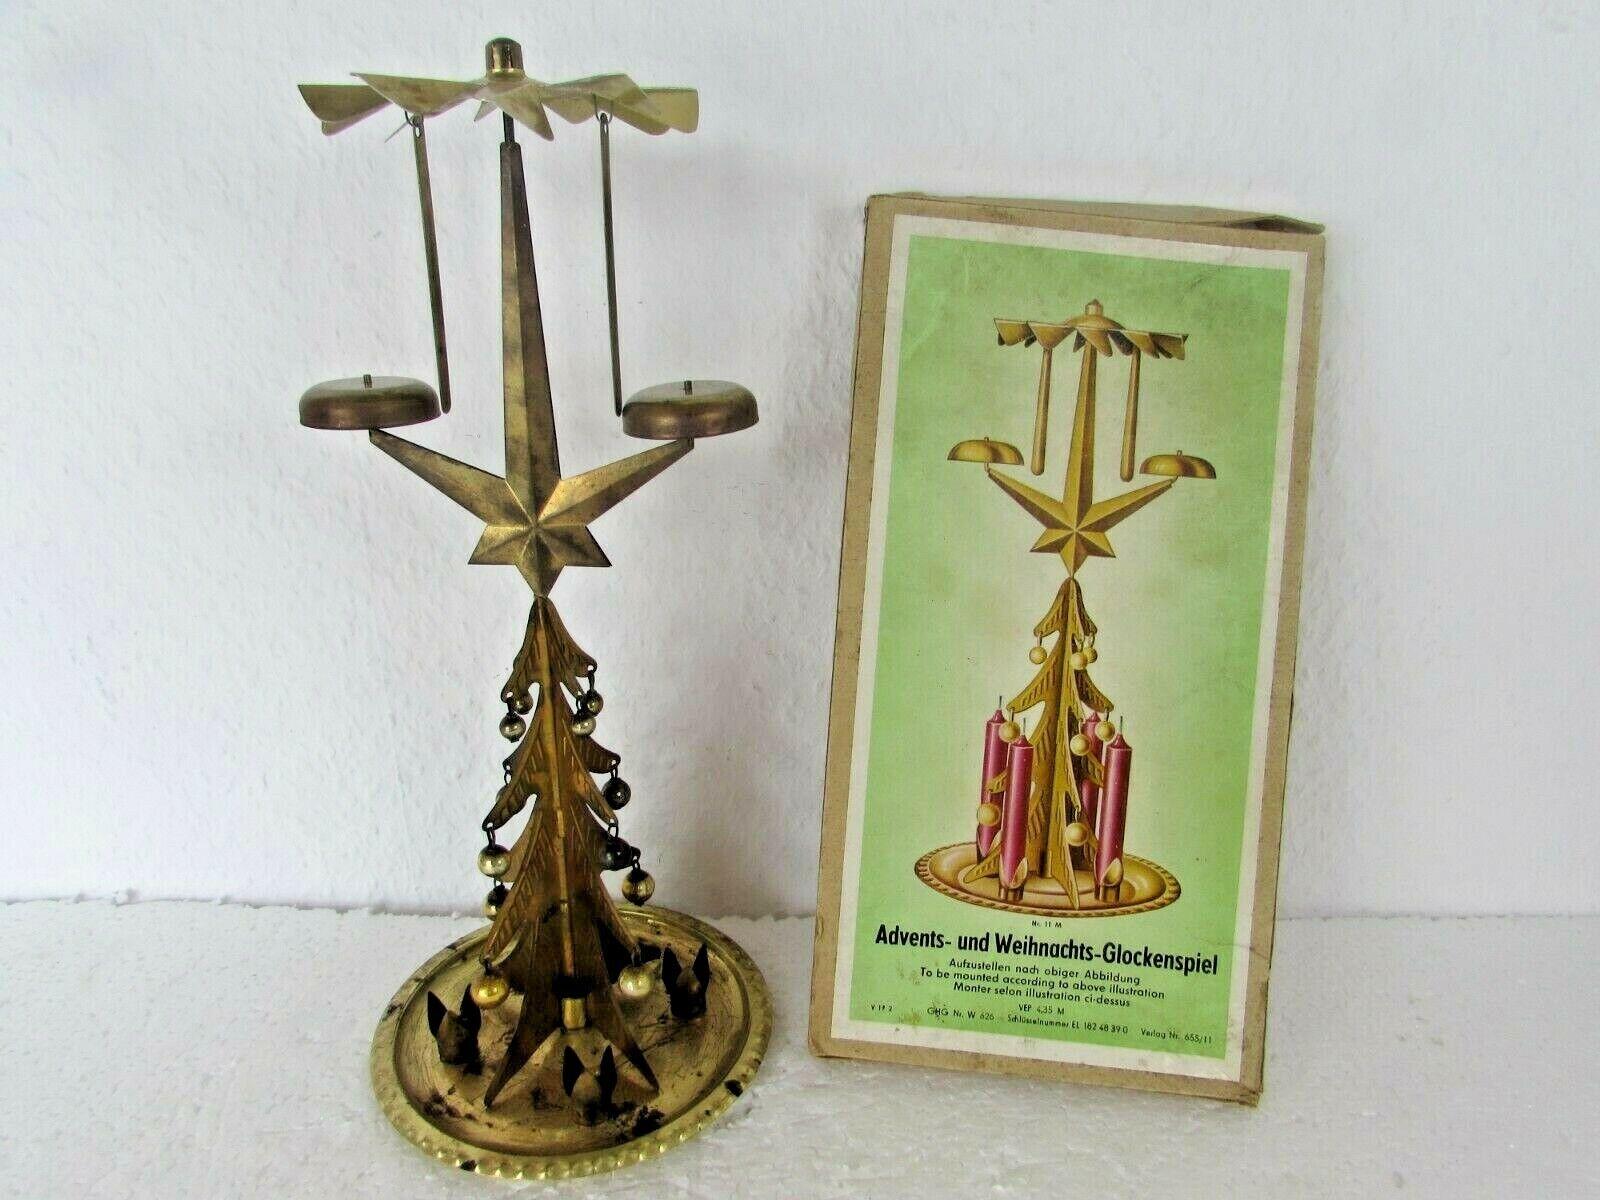 DDR Advents und Weihnachts - Glockenspiel